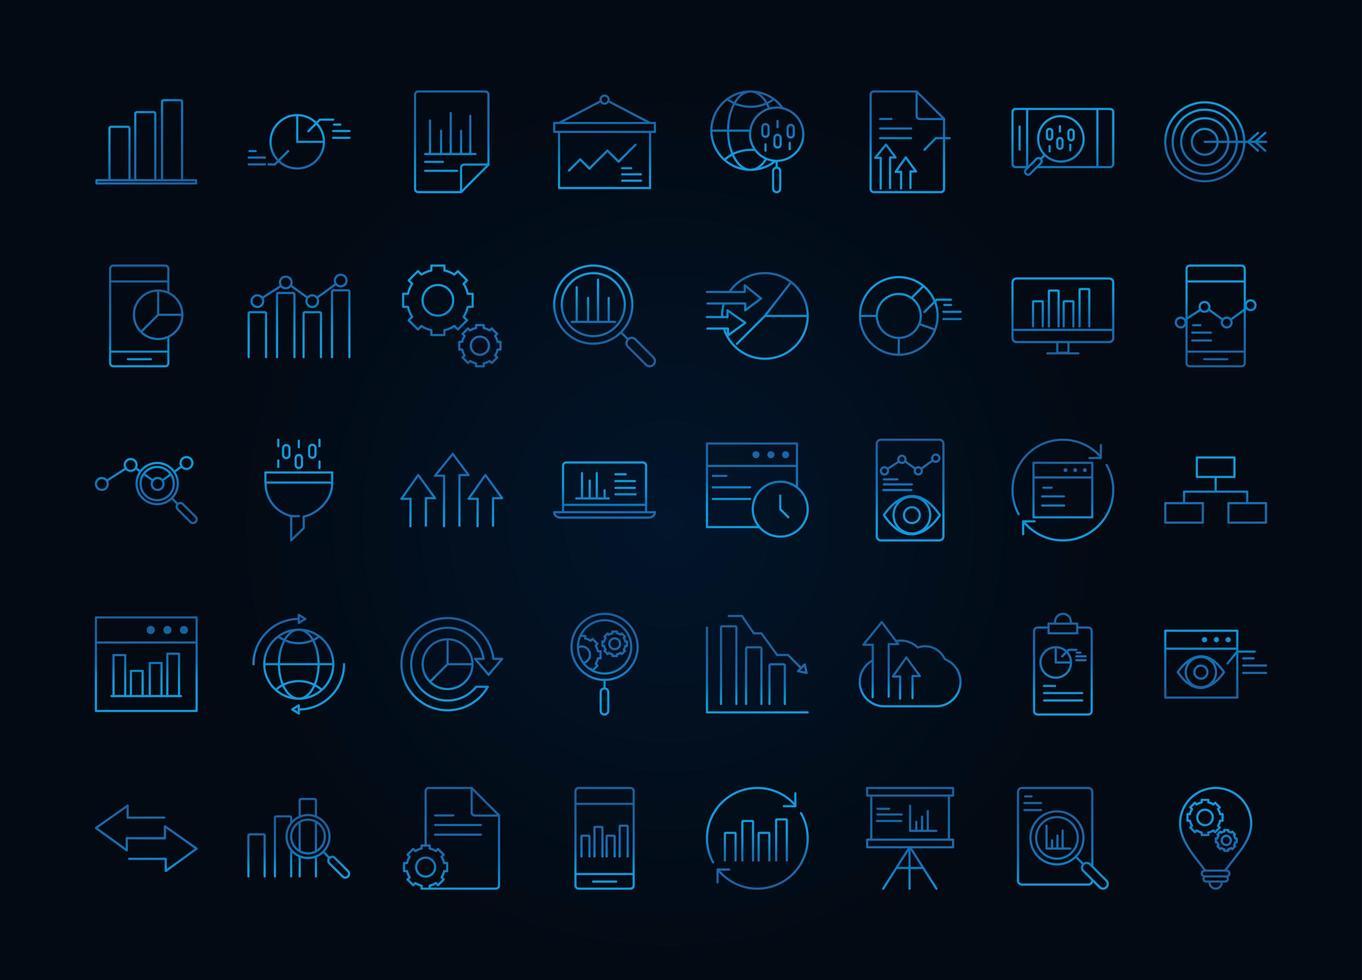 gegevensanalyse, bedrijfs- en marketingstrategie icon set vector